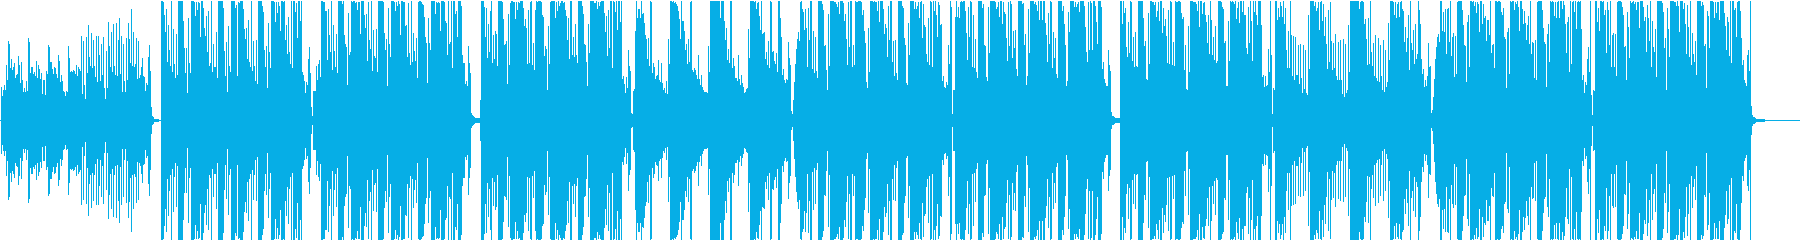 ヒップホップ、アコースティックギター。の再生済みの波形